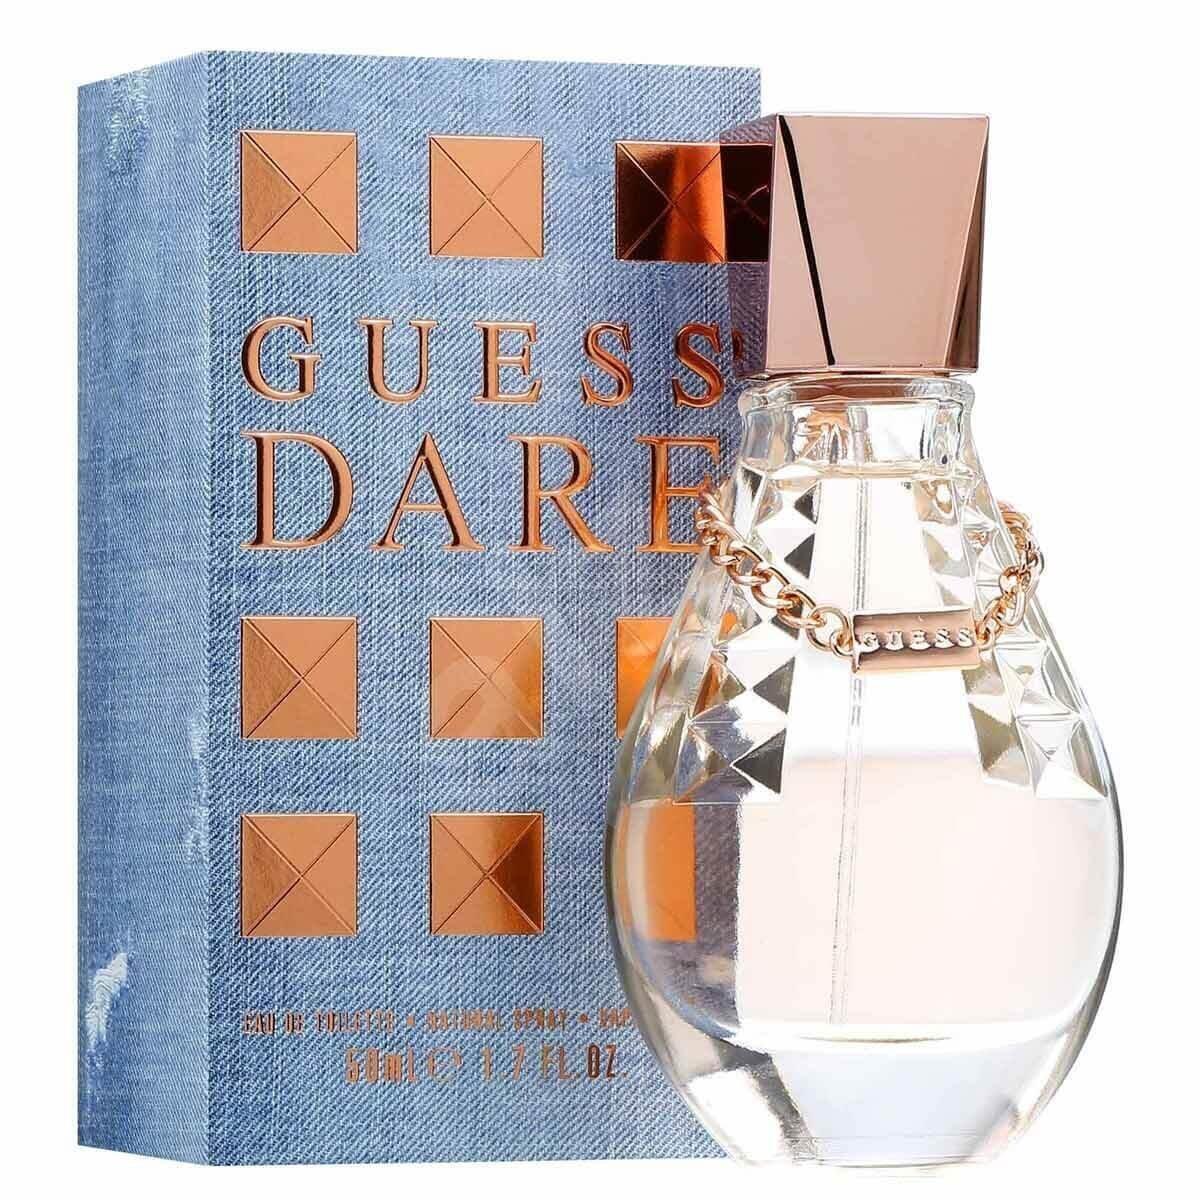 Guess Dare Kadın Parfümü Edt 50 ml